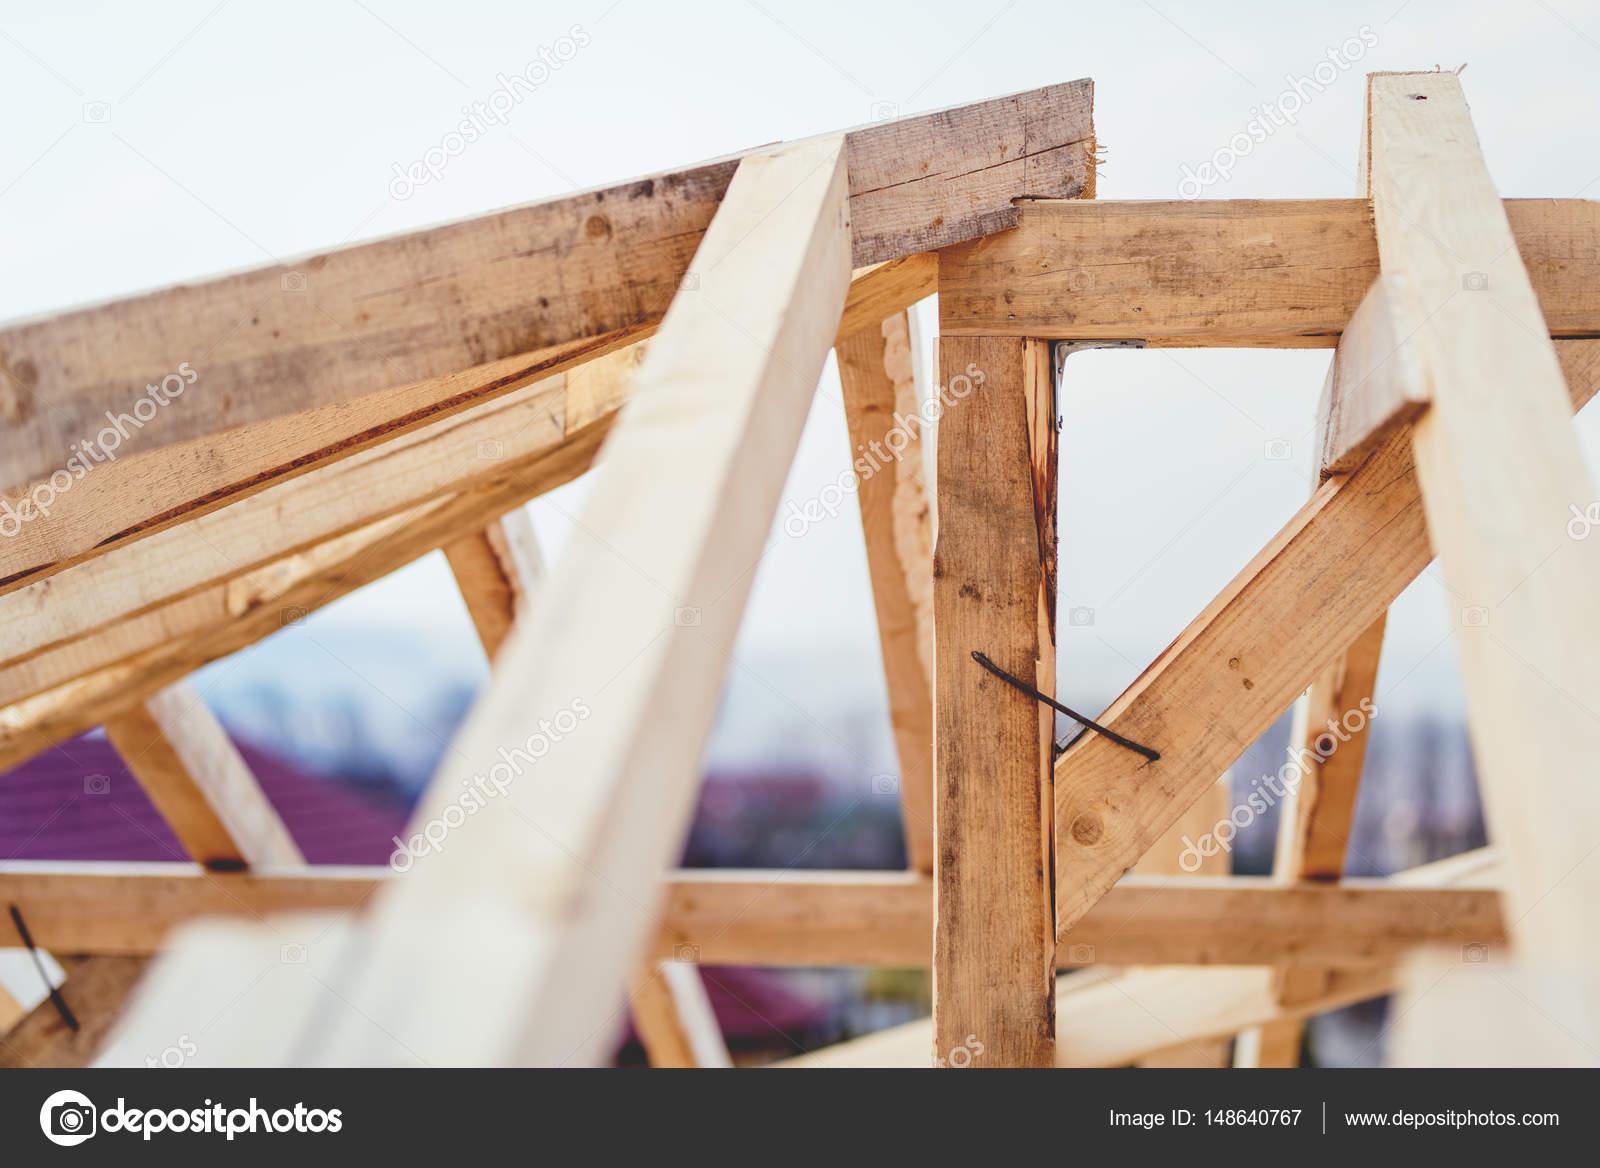 Dettagli del sito di costruzione la struttura di legno for Dettagli di incorniciatura del tetto di gambrel